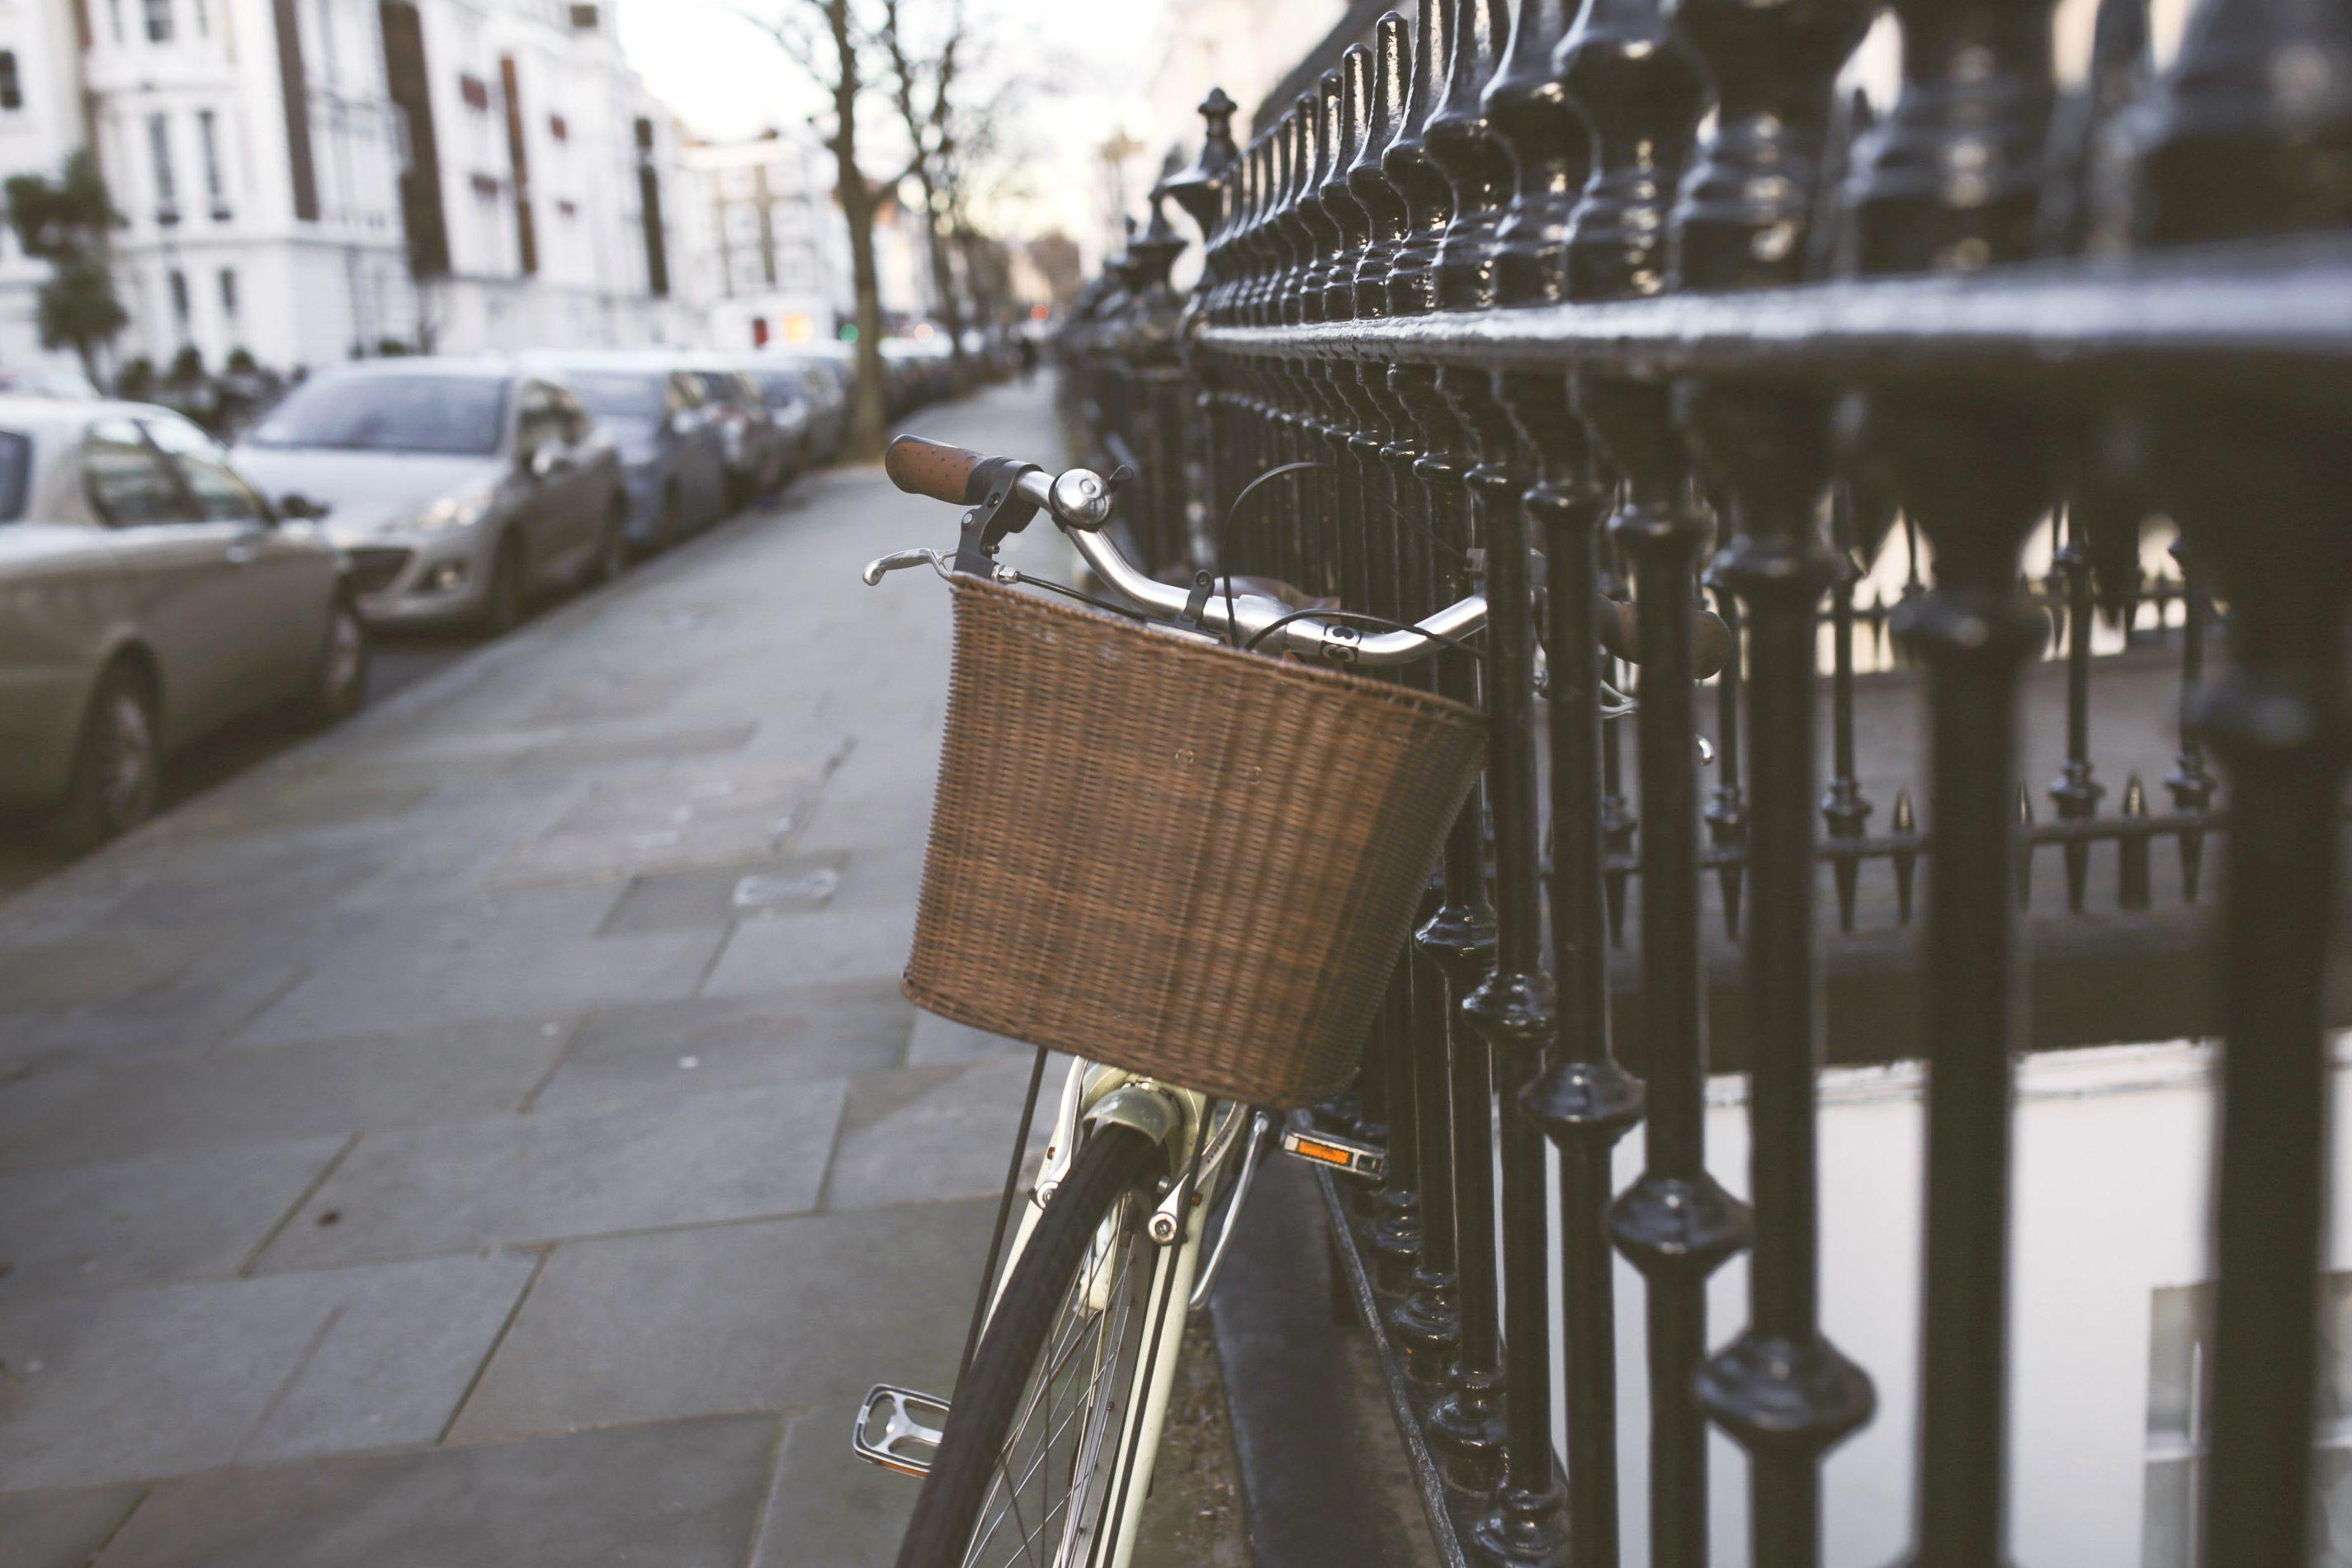 Kostenlose Bild Weidenkorb klassisches Fahrrad Straße Eisen Zaun